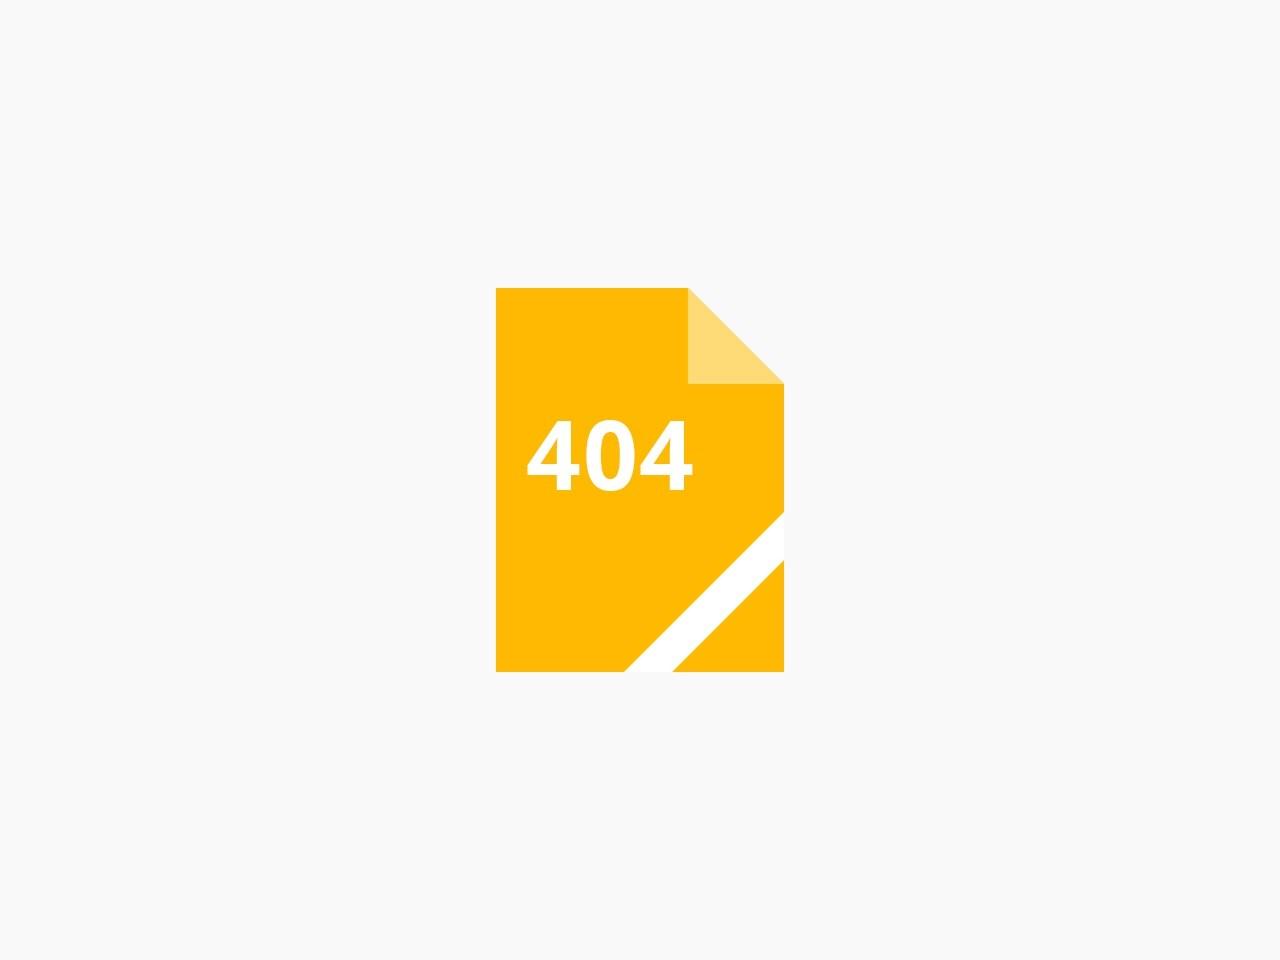 KAZ建築企画株式会社